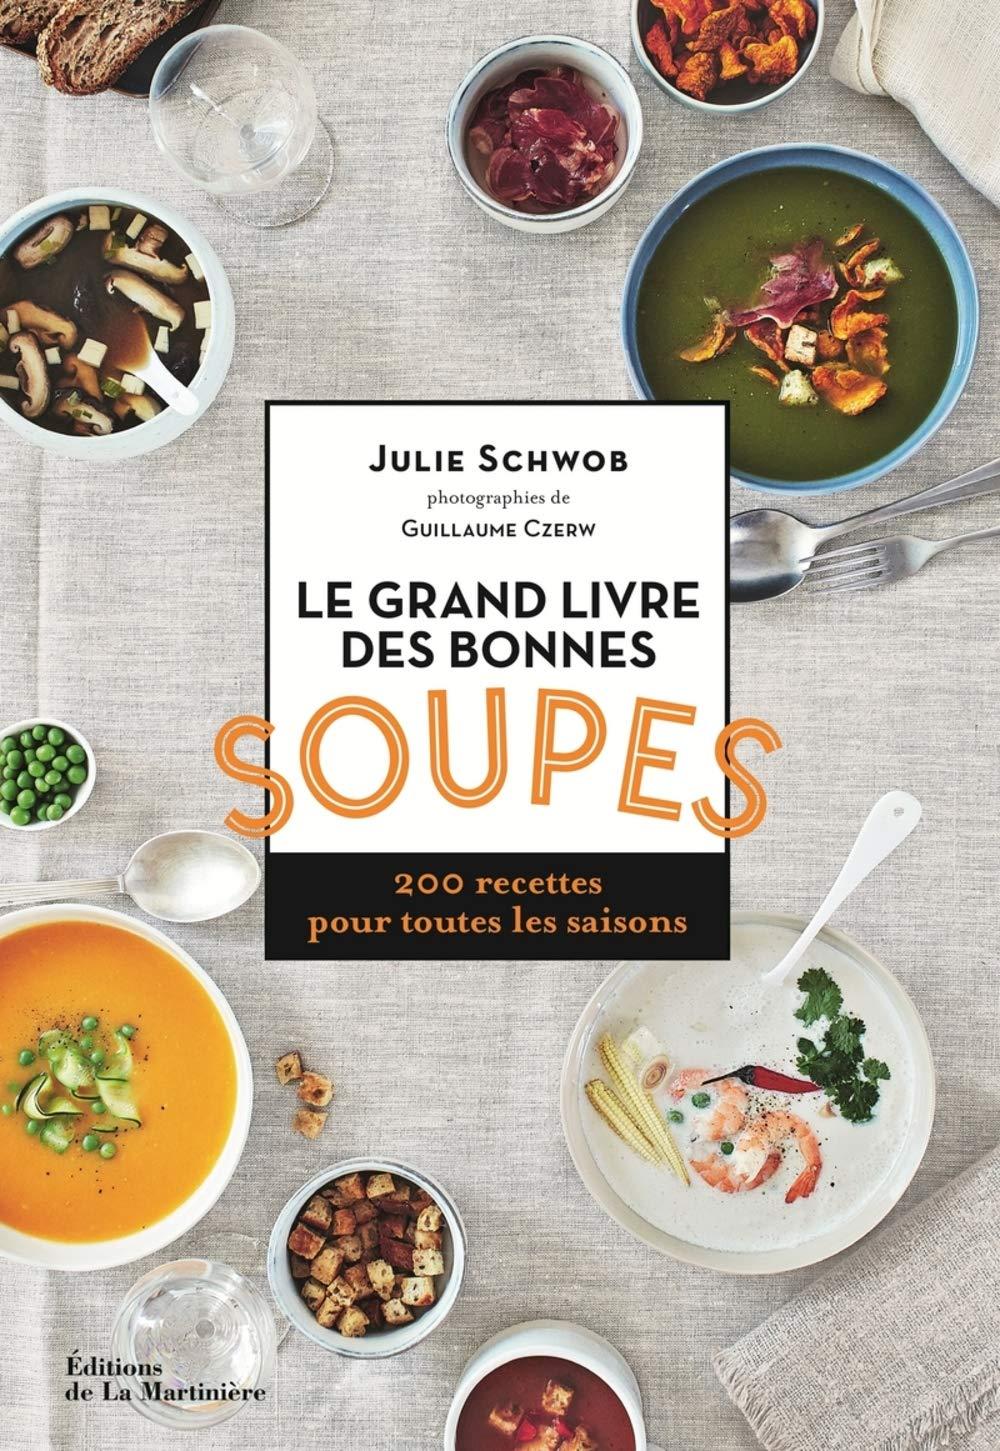 Le grand livre des bonnes soupes - 200 recettes pour toutes les saisons Relié – 25 octobre 2018 Julie Schwob Guillaume Czerw La Martinière 2732488577